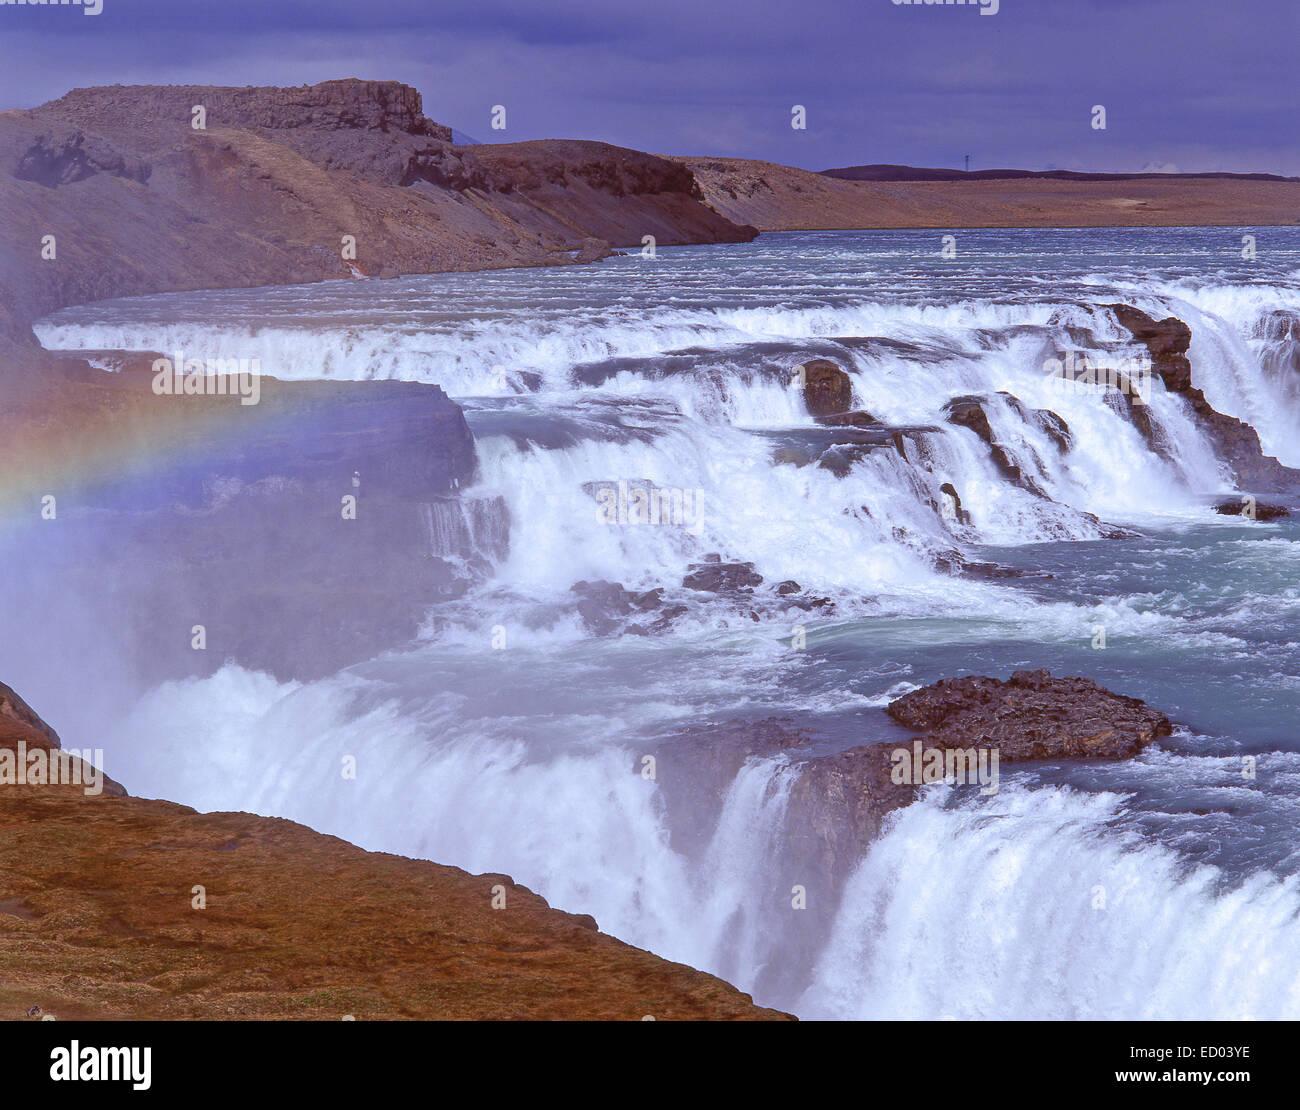 Cascades de Gullfoss, Hvítá Canyon, région du sud-ouest, République d'Islande Photo Stock